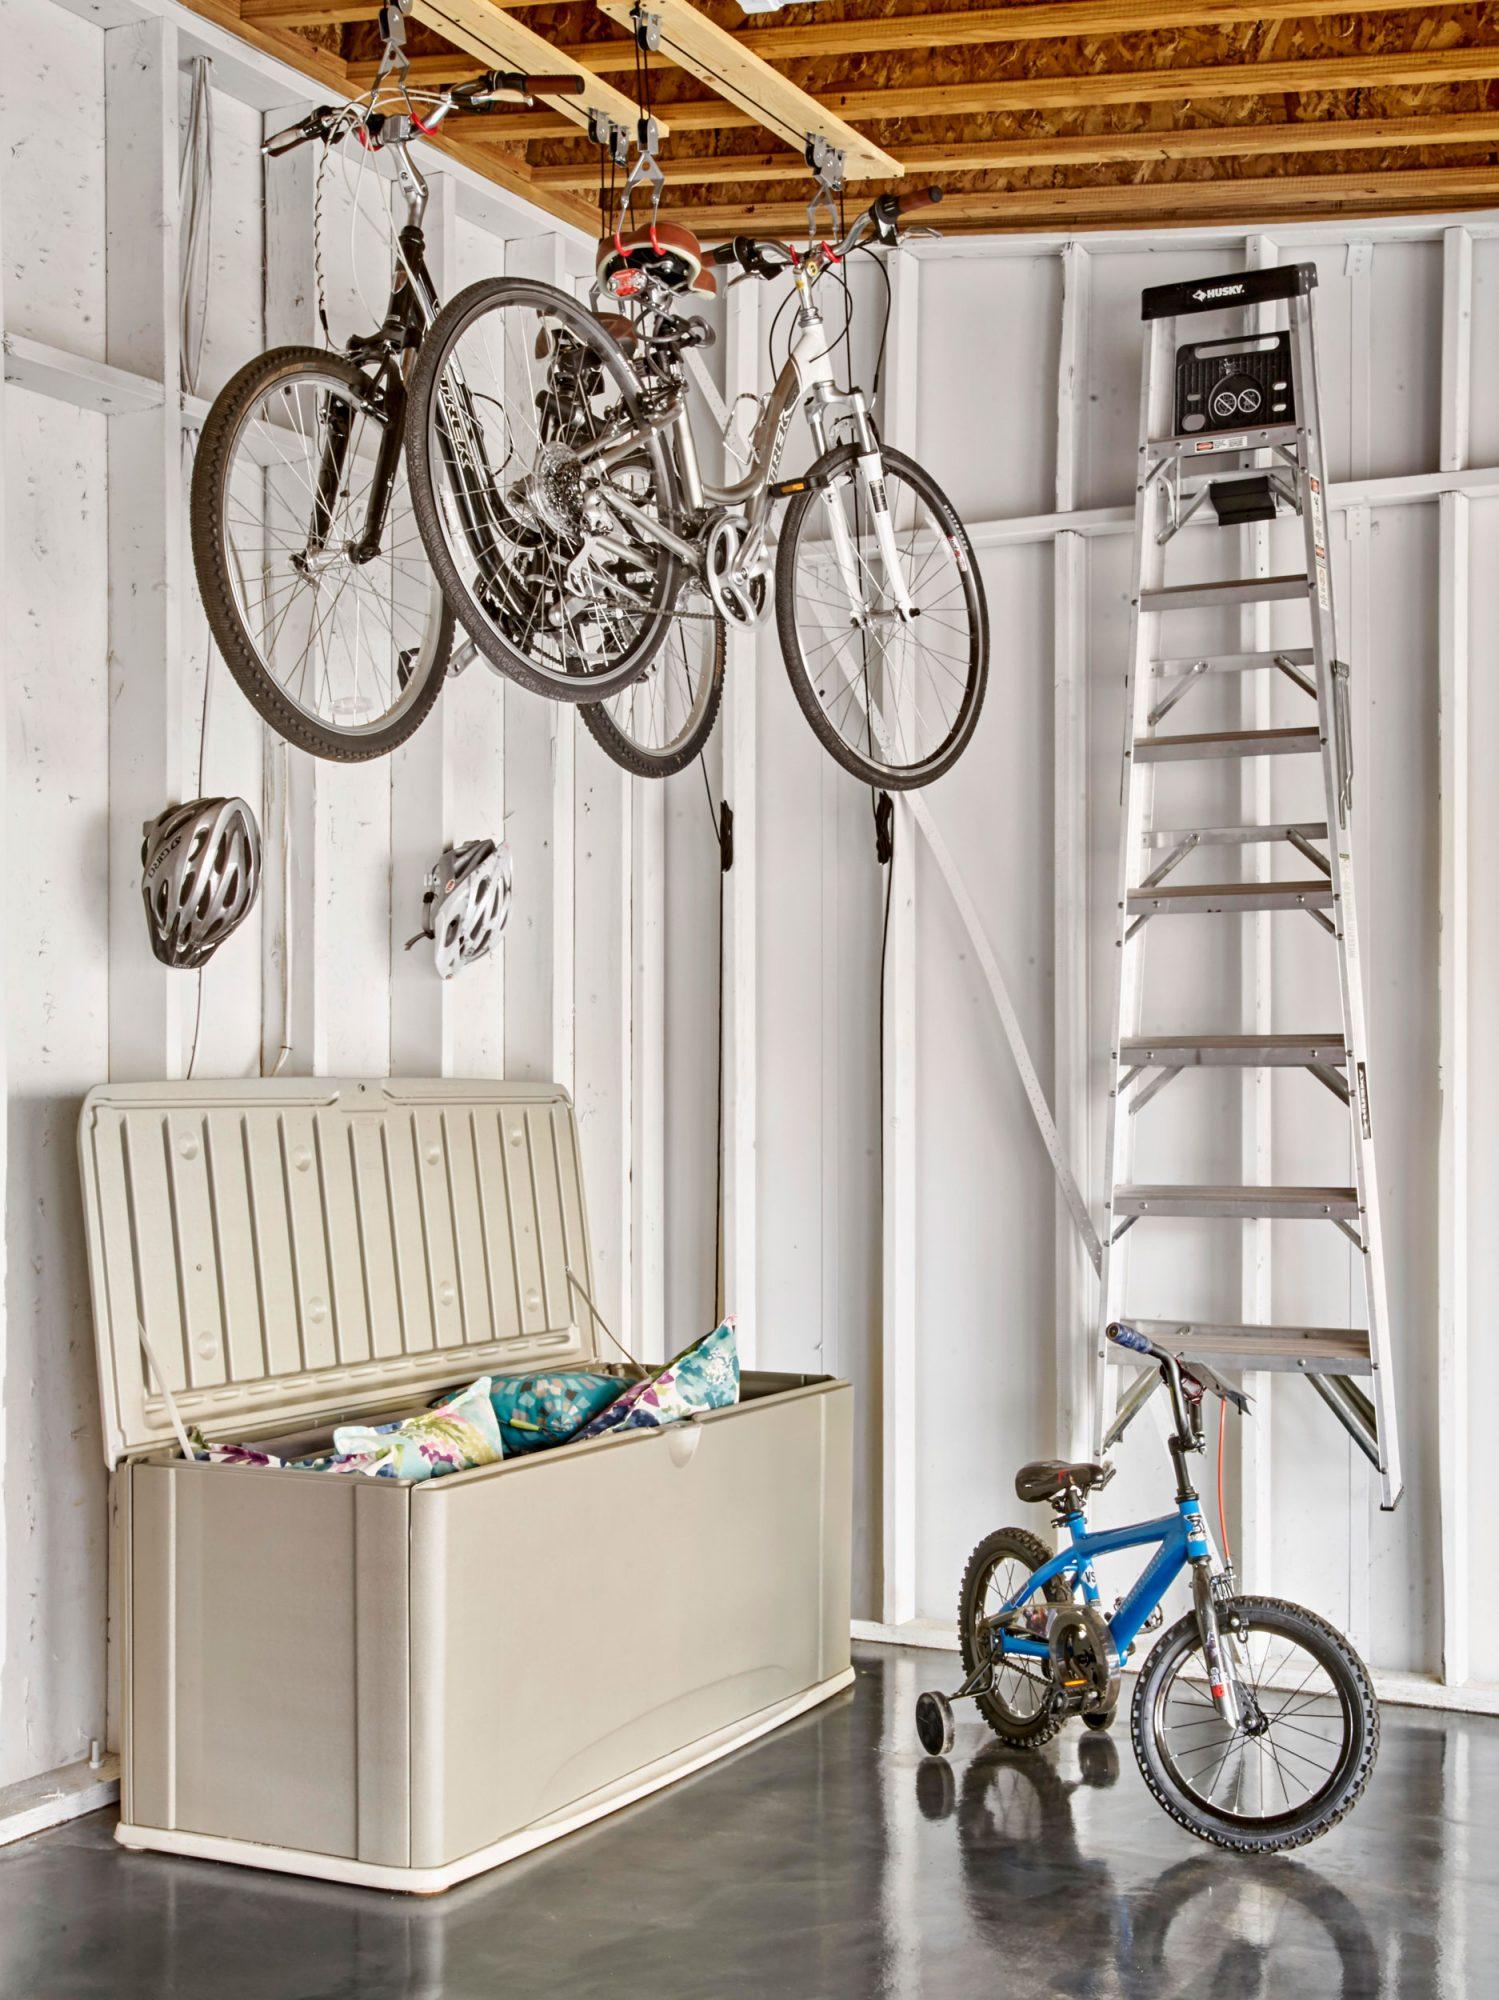 Bike suspension in garage